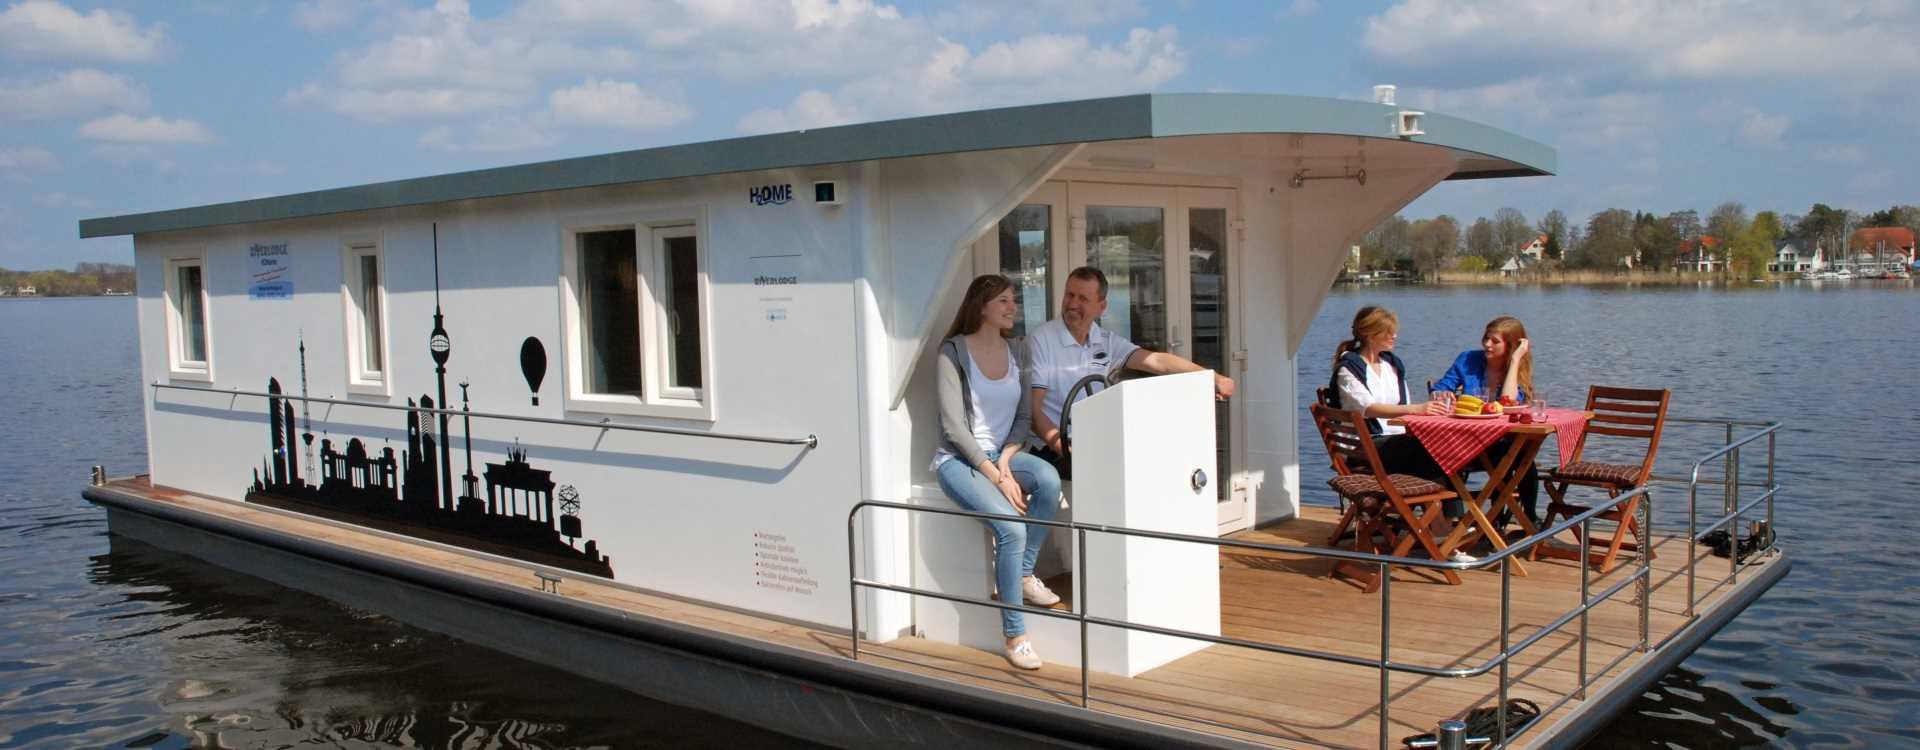 Hausboot mieten - führerscheinfrei an der Müritz, Mecklenburgische Seenplatte und in Brandenburg